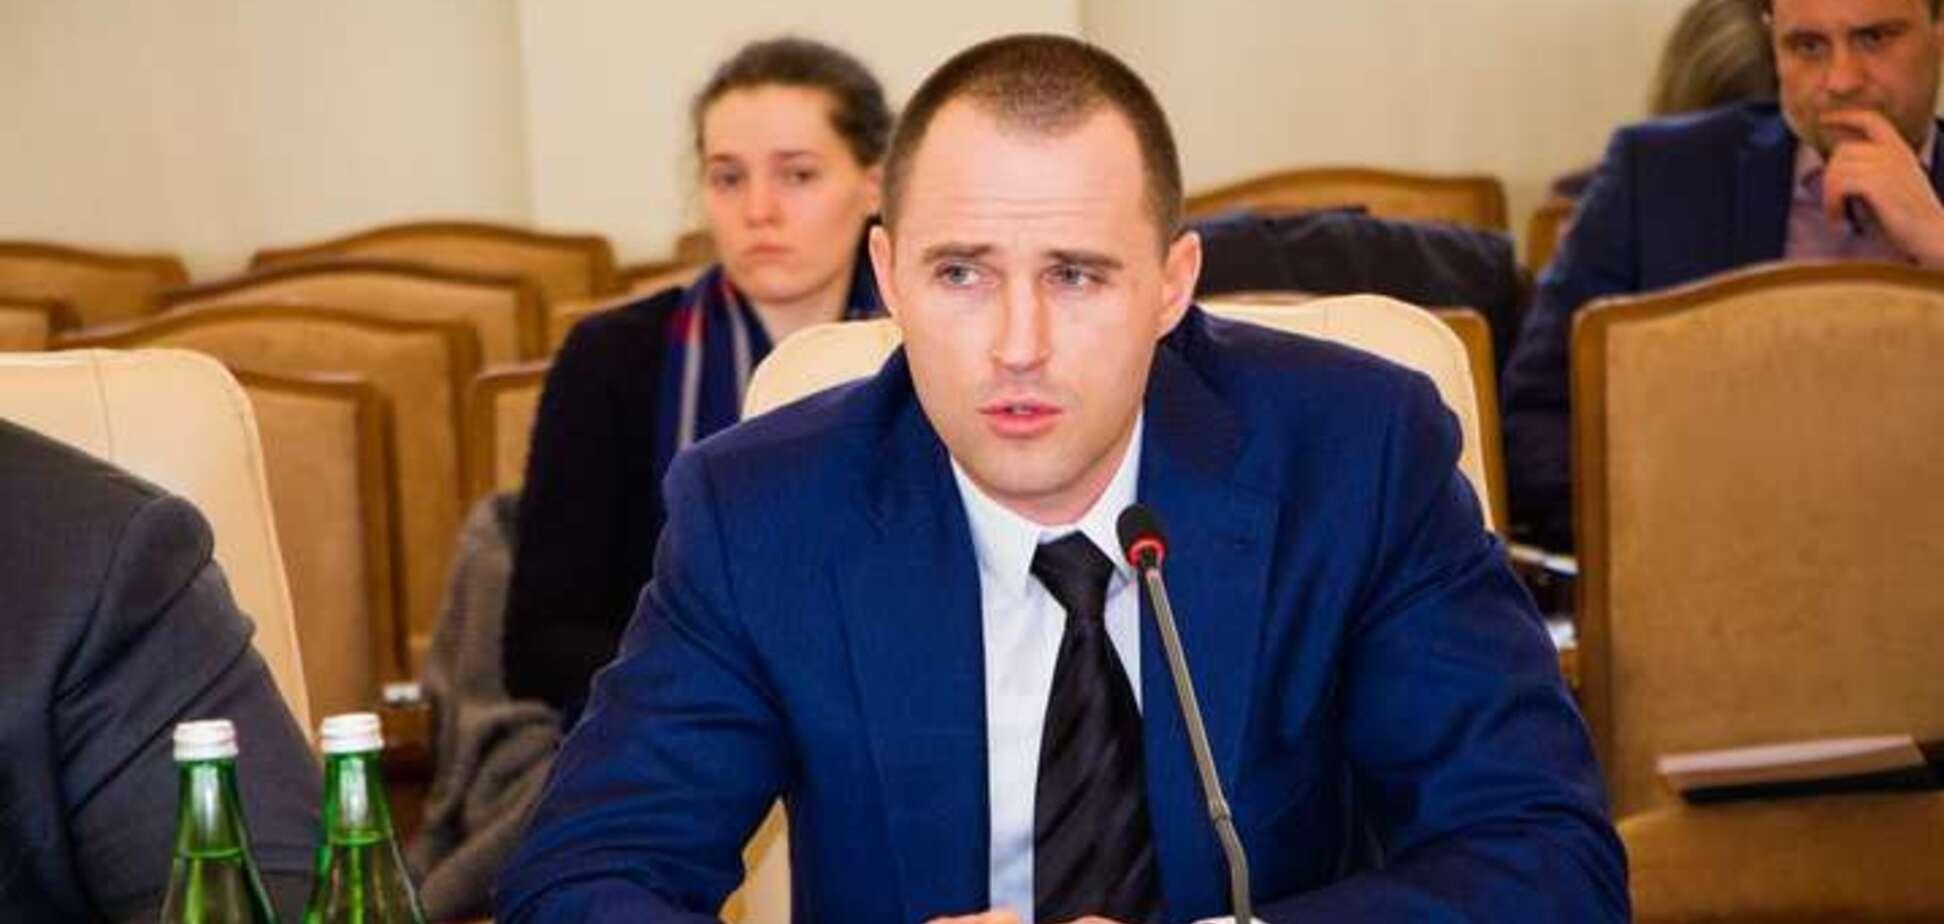 Кабмин уволил главу ГАСИ Кузьмина: чем оскандалился чиновник